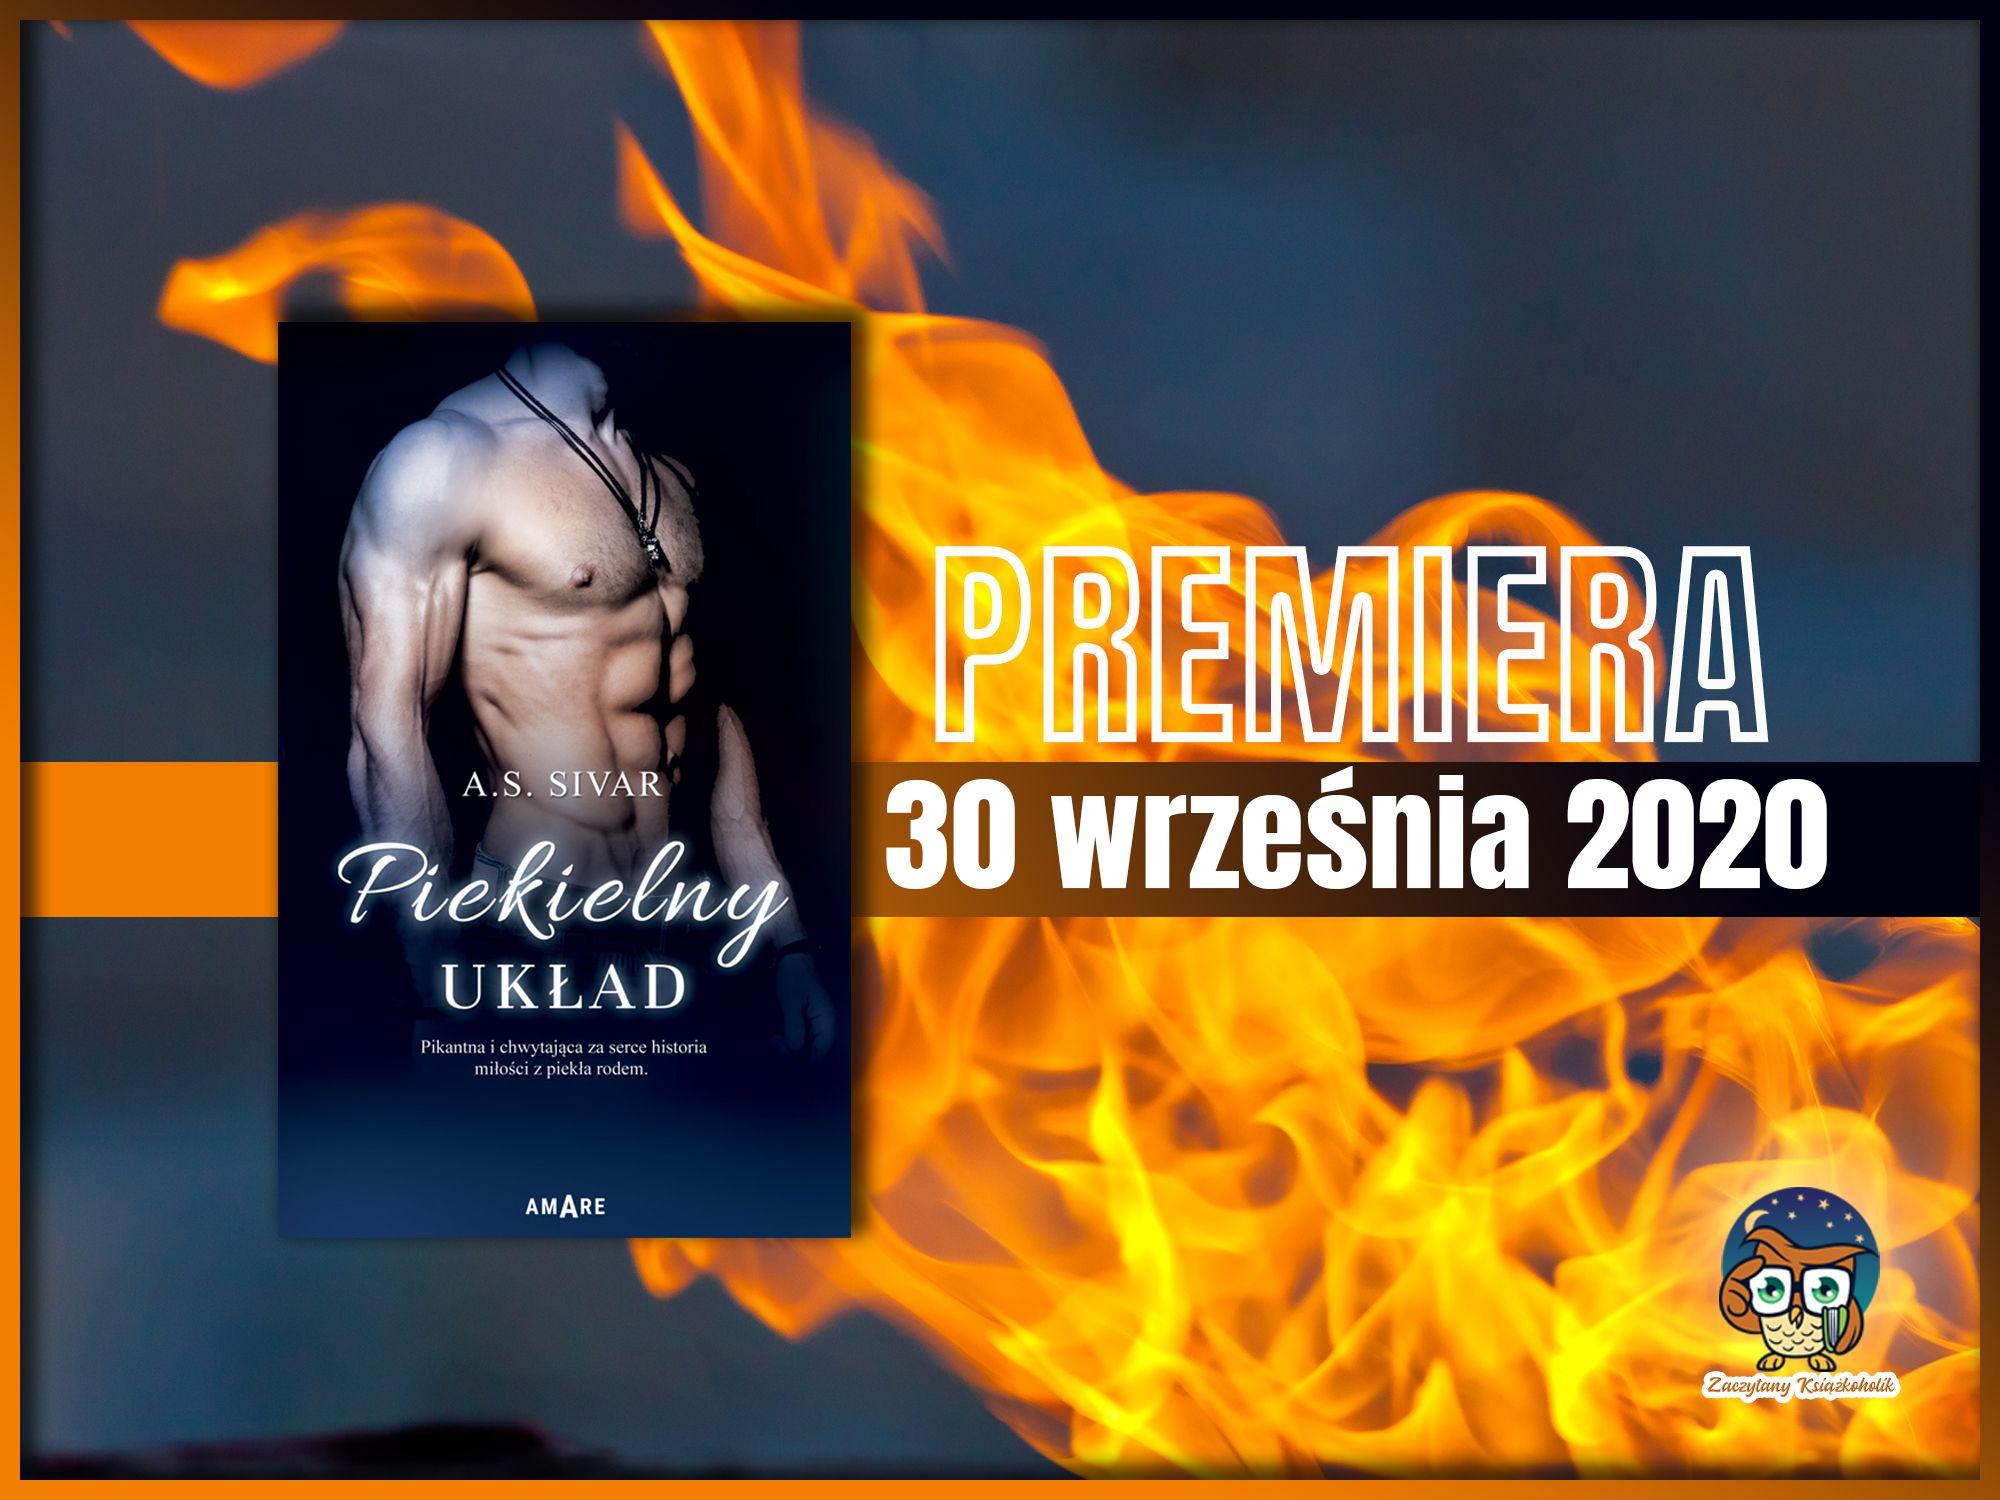 Piekielny układ, zaczytanyksiazkoholik.pl